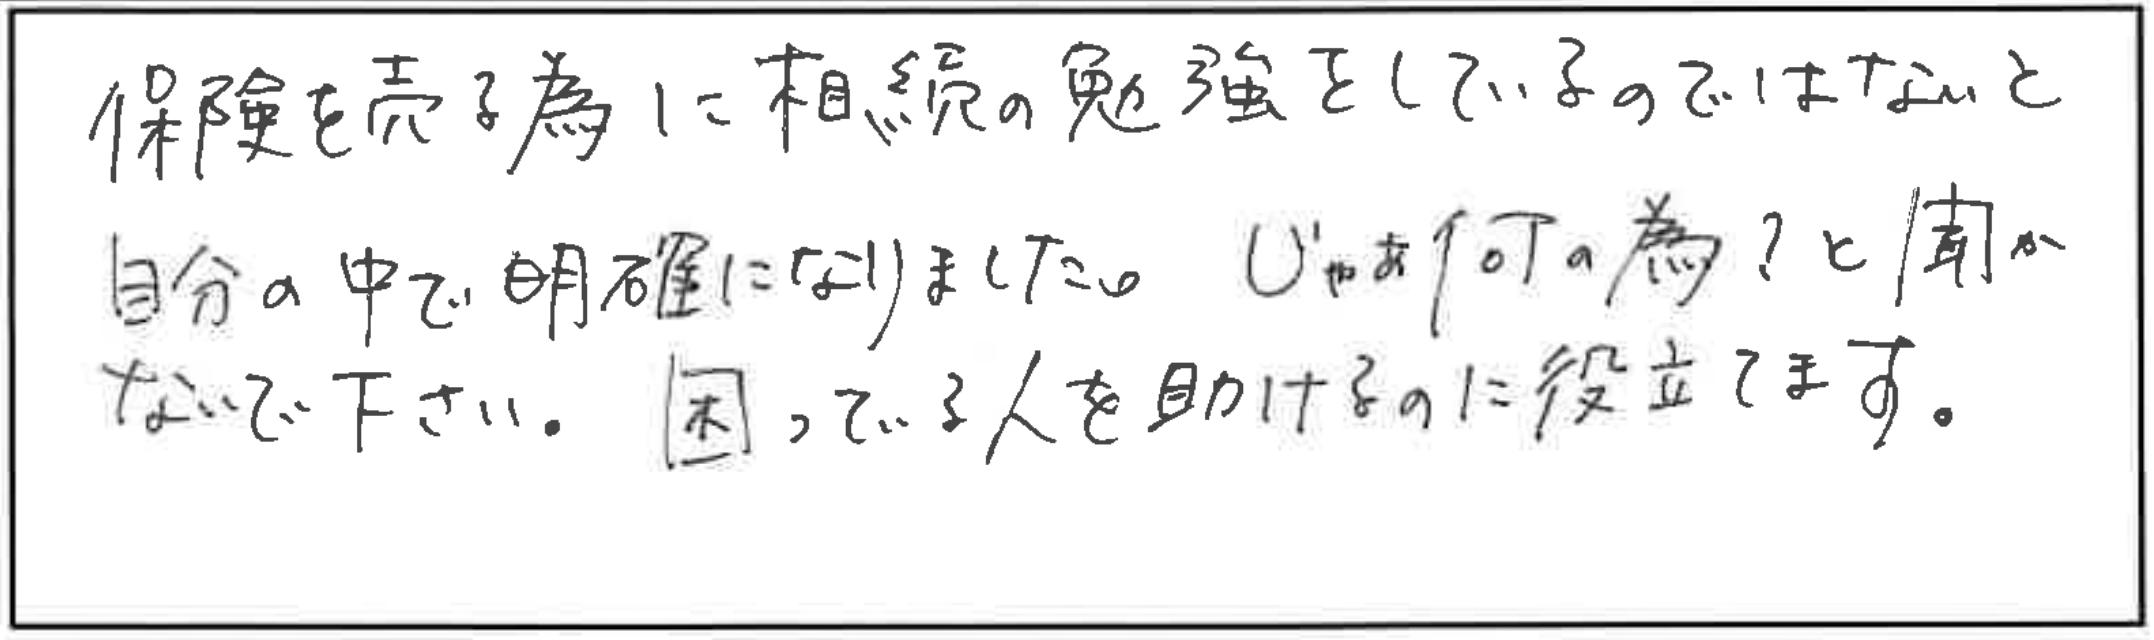 吉澤塾 半年コースの参加者の声画像172